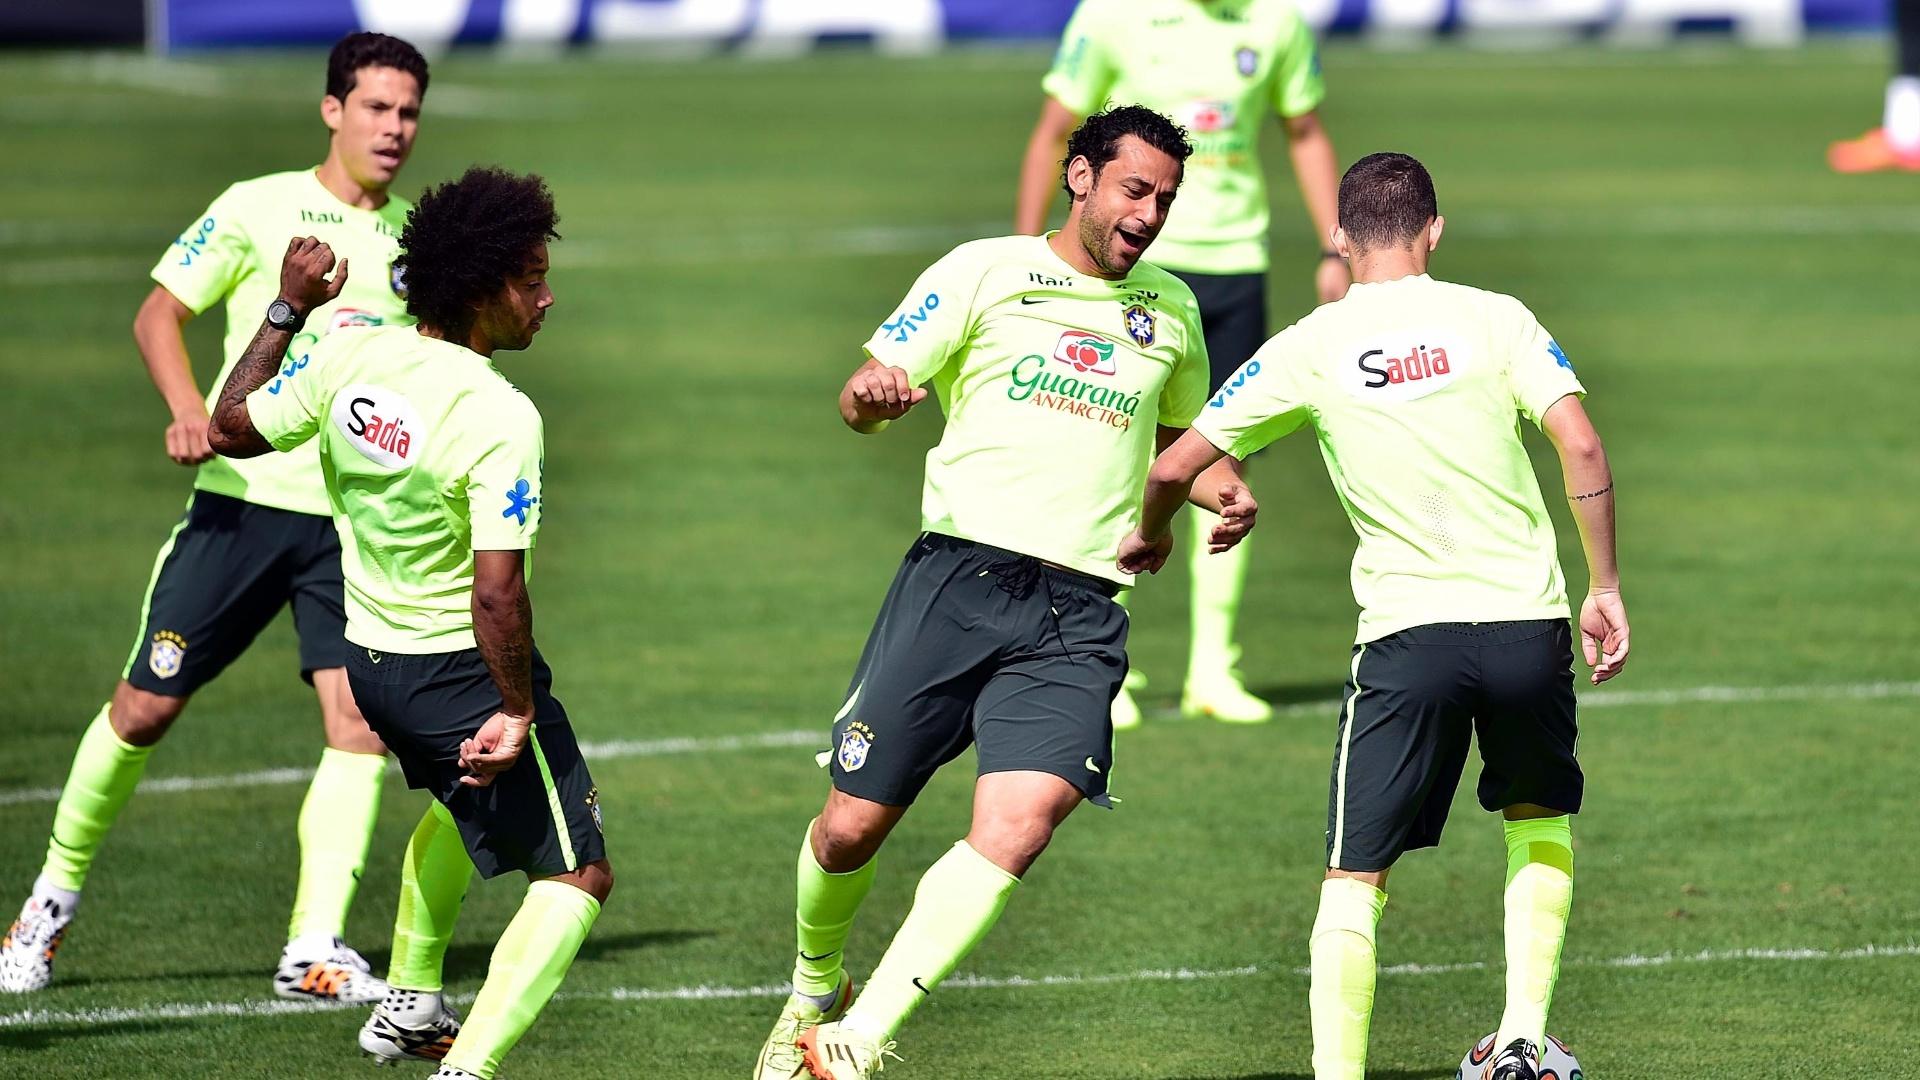 07.jul.2014 - Jogadores da seleção brasileira fazem aquecimento com bola no último treino na Granja Comary antes da viagem a Belo Horizonte